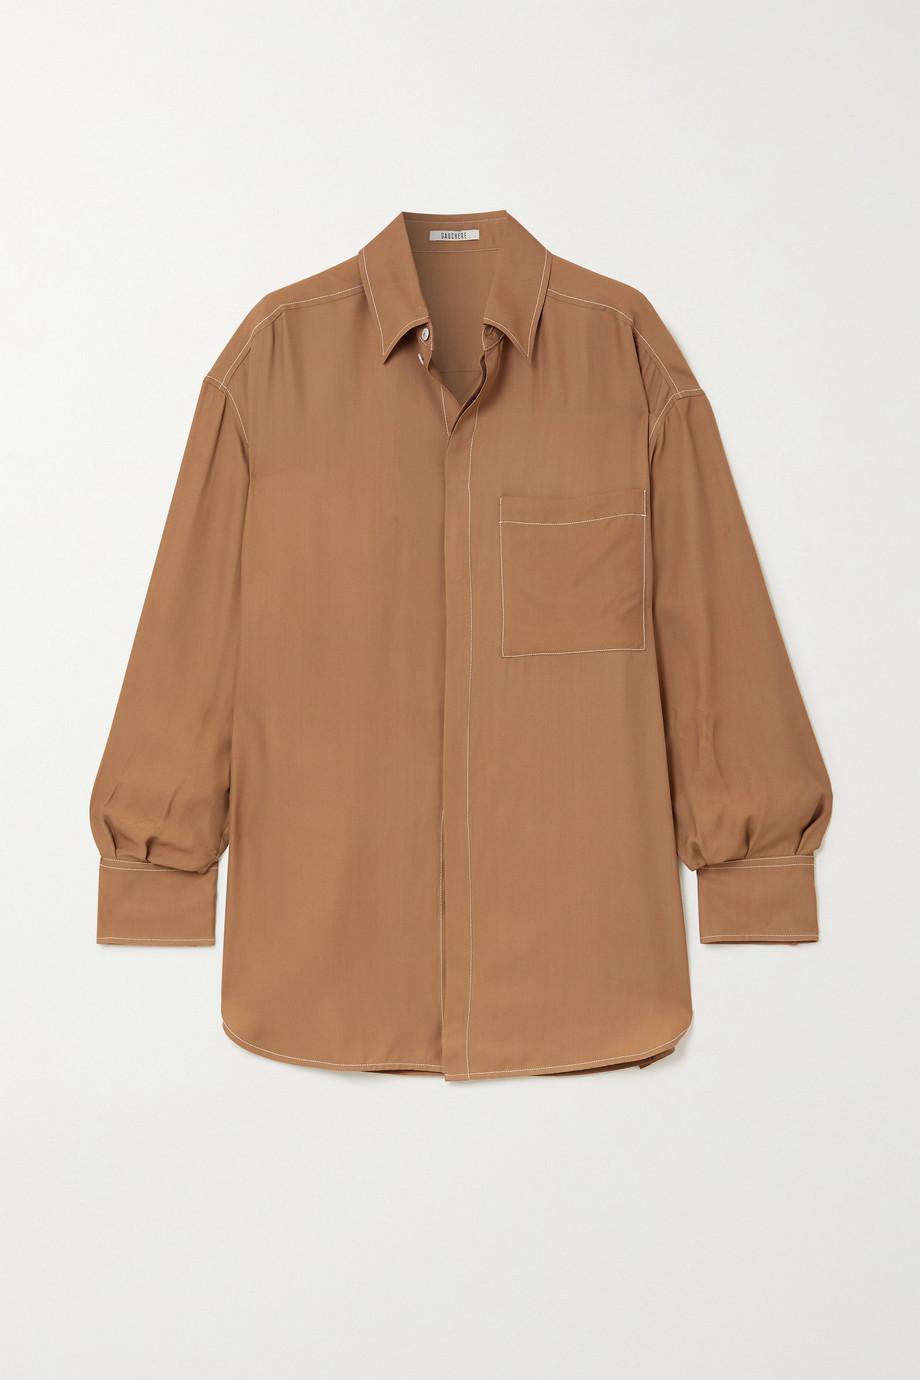 GAUCHERE Rim 斜纹布衬衫